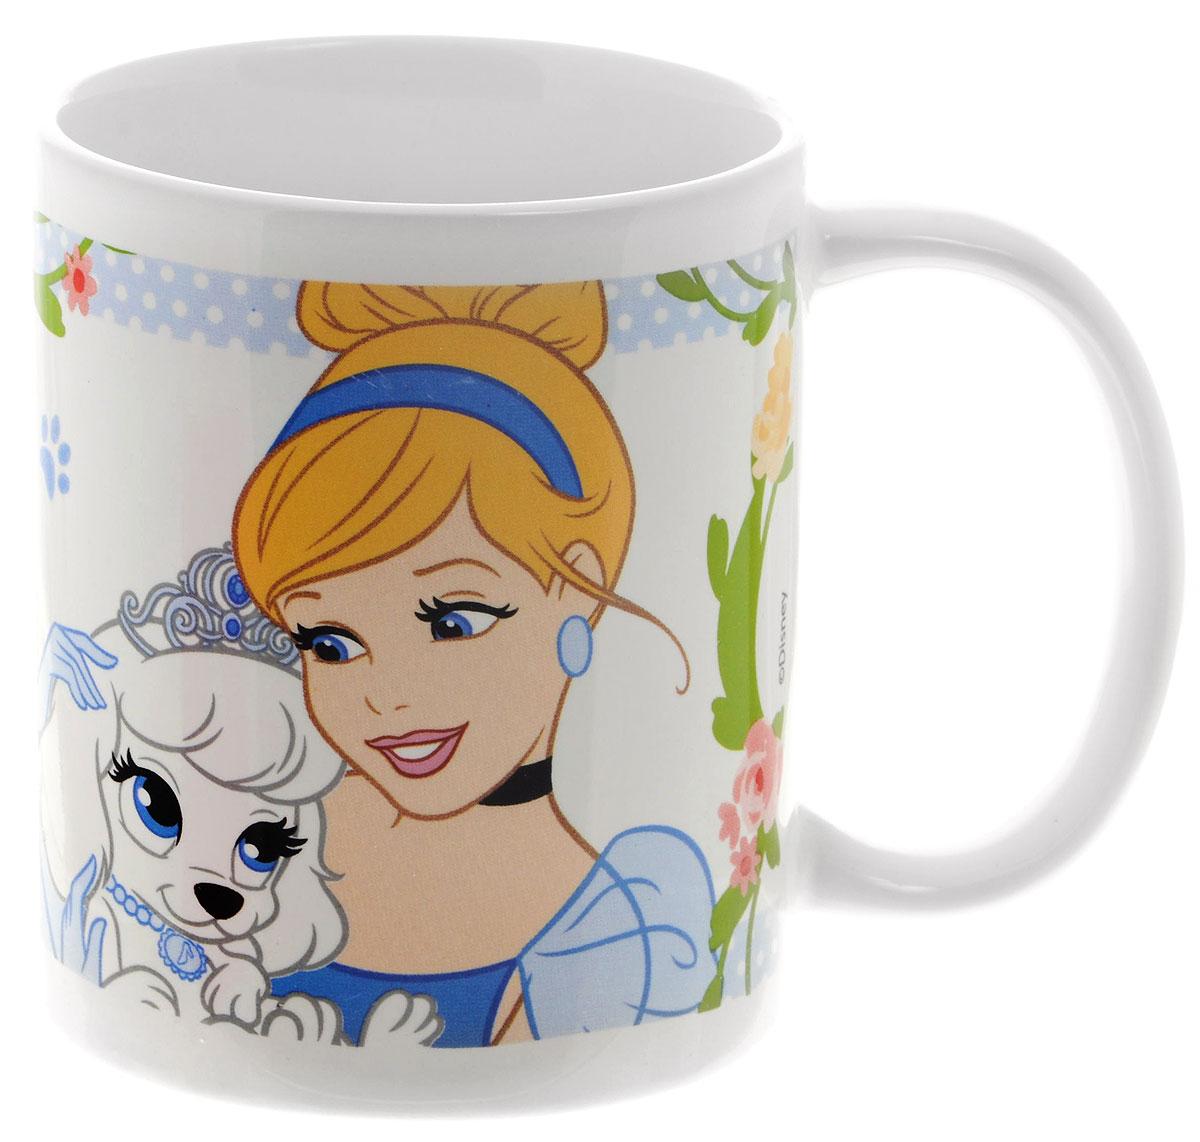 Stor Кружка детская Принцессы и их питомцы 325 млAW-2005Детская кружка Stor Принцессы и их питомцы с любимыми героями мультфильмов станет отличным подарком для вашей малышки. Она выполнена из керамики и оформлена изображением диснеевских принцесс с их питомцами. Кружка дополнена удобной ручкой.Такой подарок станет не только приятным, но и практичным сувениром: кружка будет незаменимым атрибутом чаепития, а ее оригинальное оформление добавит ярких эмоций и хорошего настроения.Допустимо использование в микроволновой печи и посудомоечной машине.